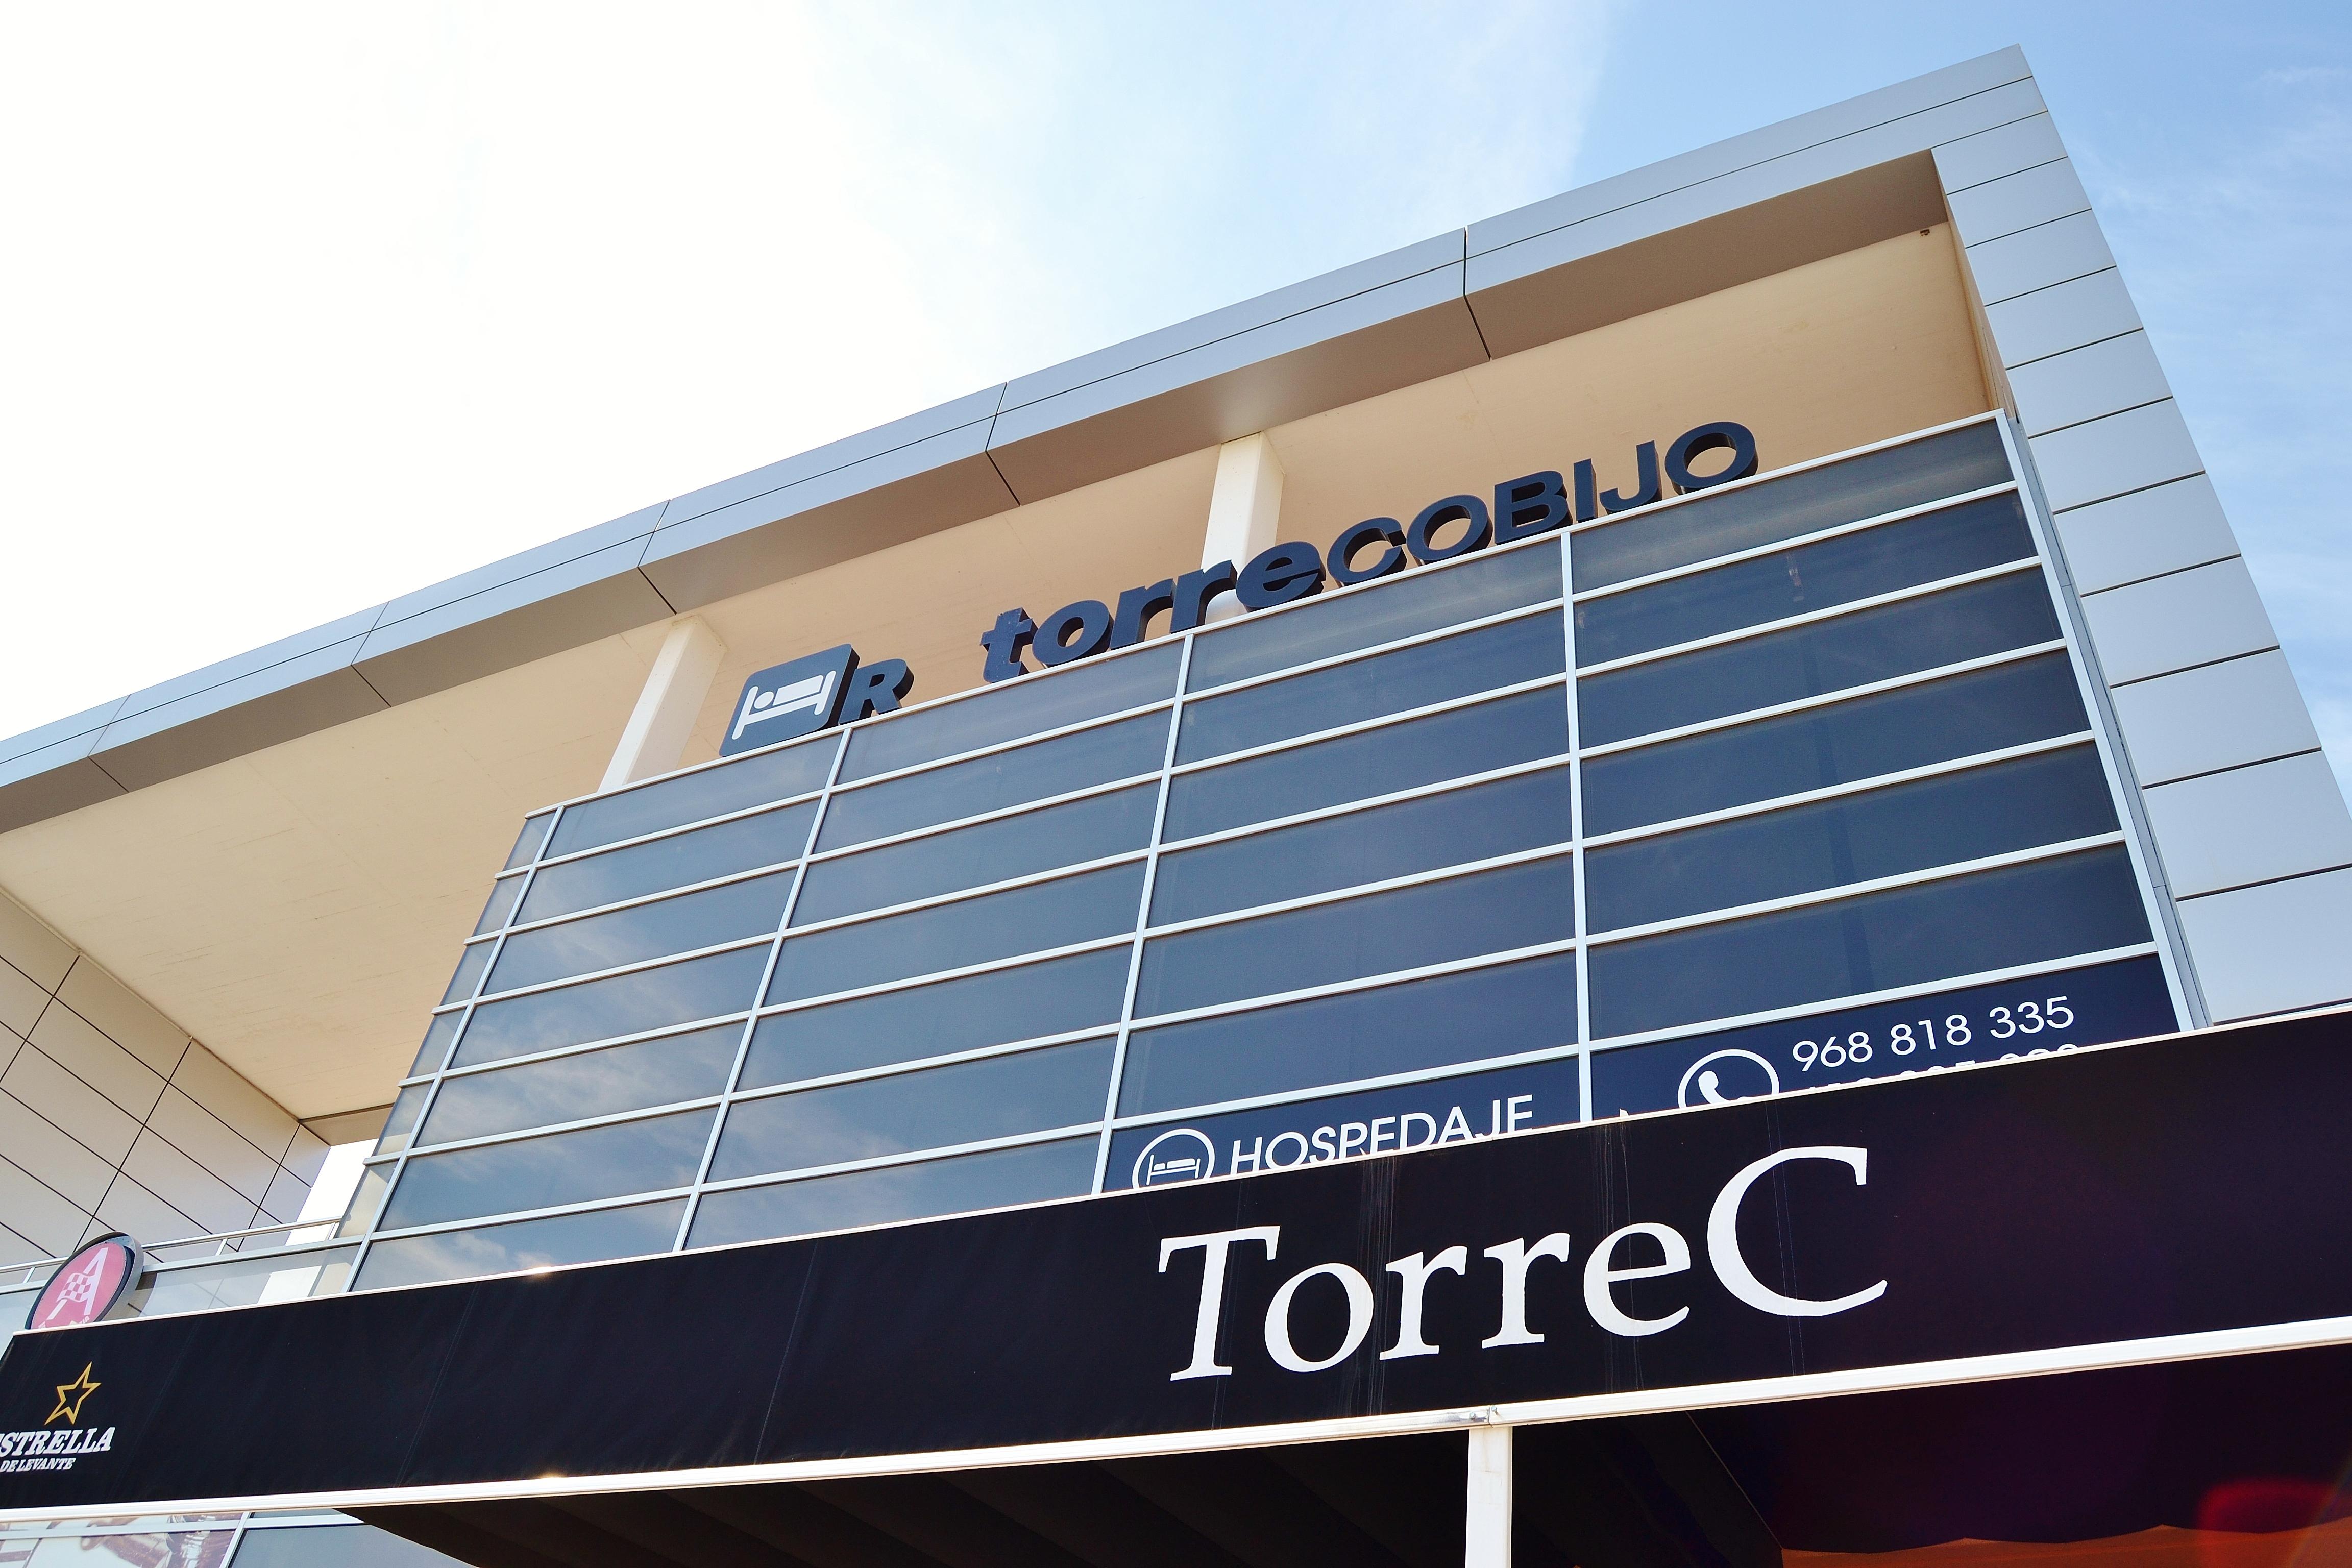 Hotel Torrecobijo